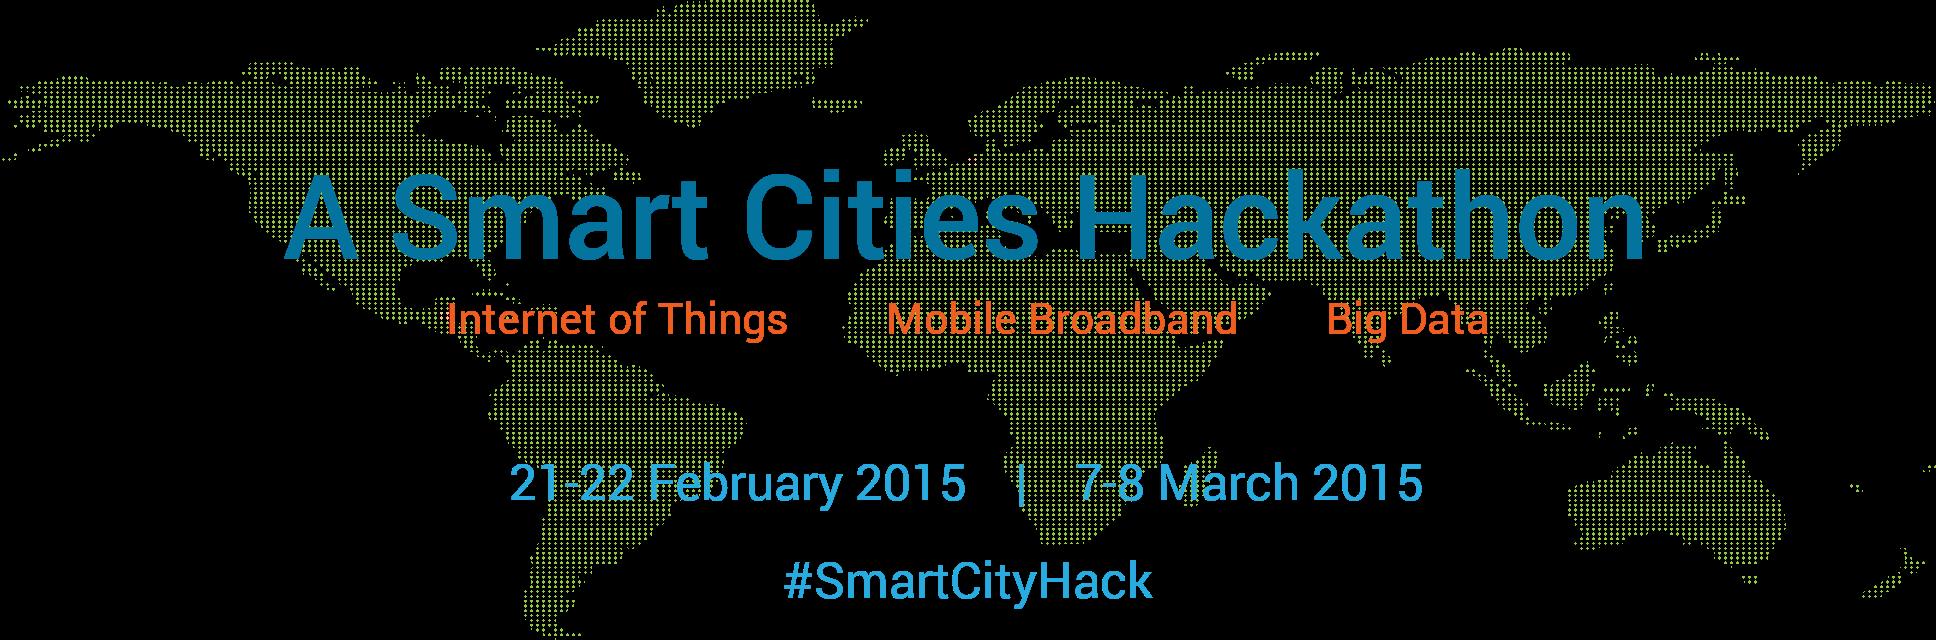 Global Urban Datafest